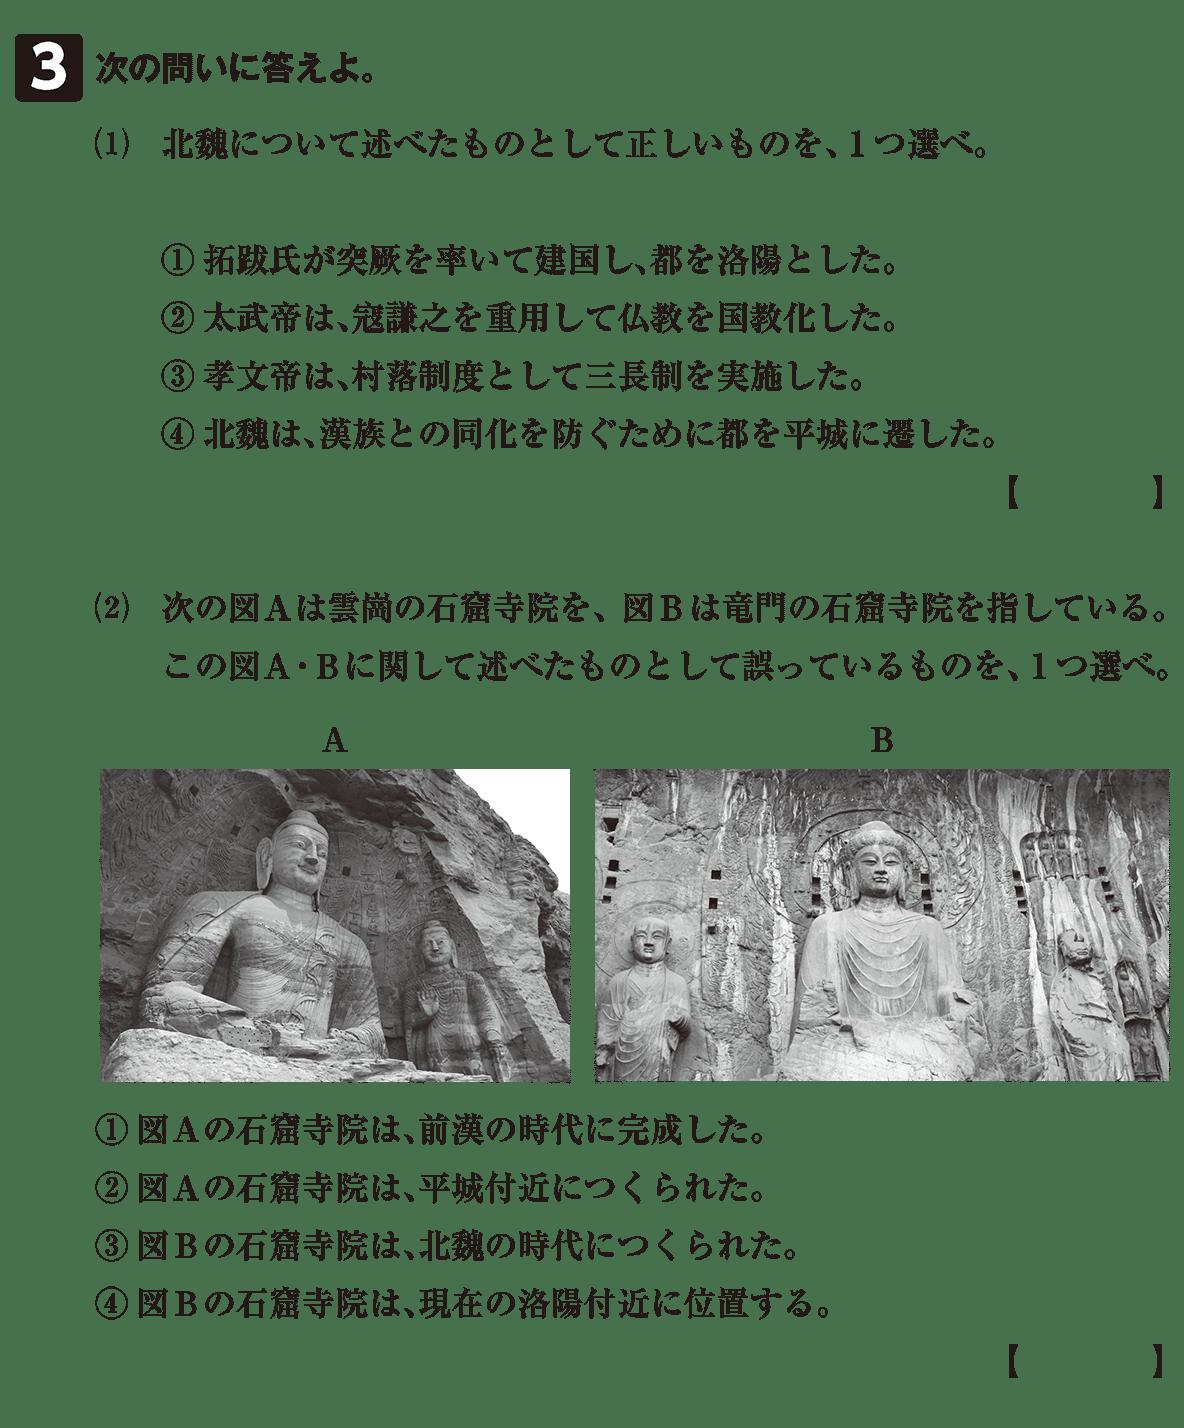 高校世界史 中国の分裂・混乱期5 確認テスト(後半)3